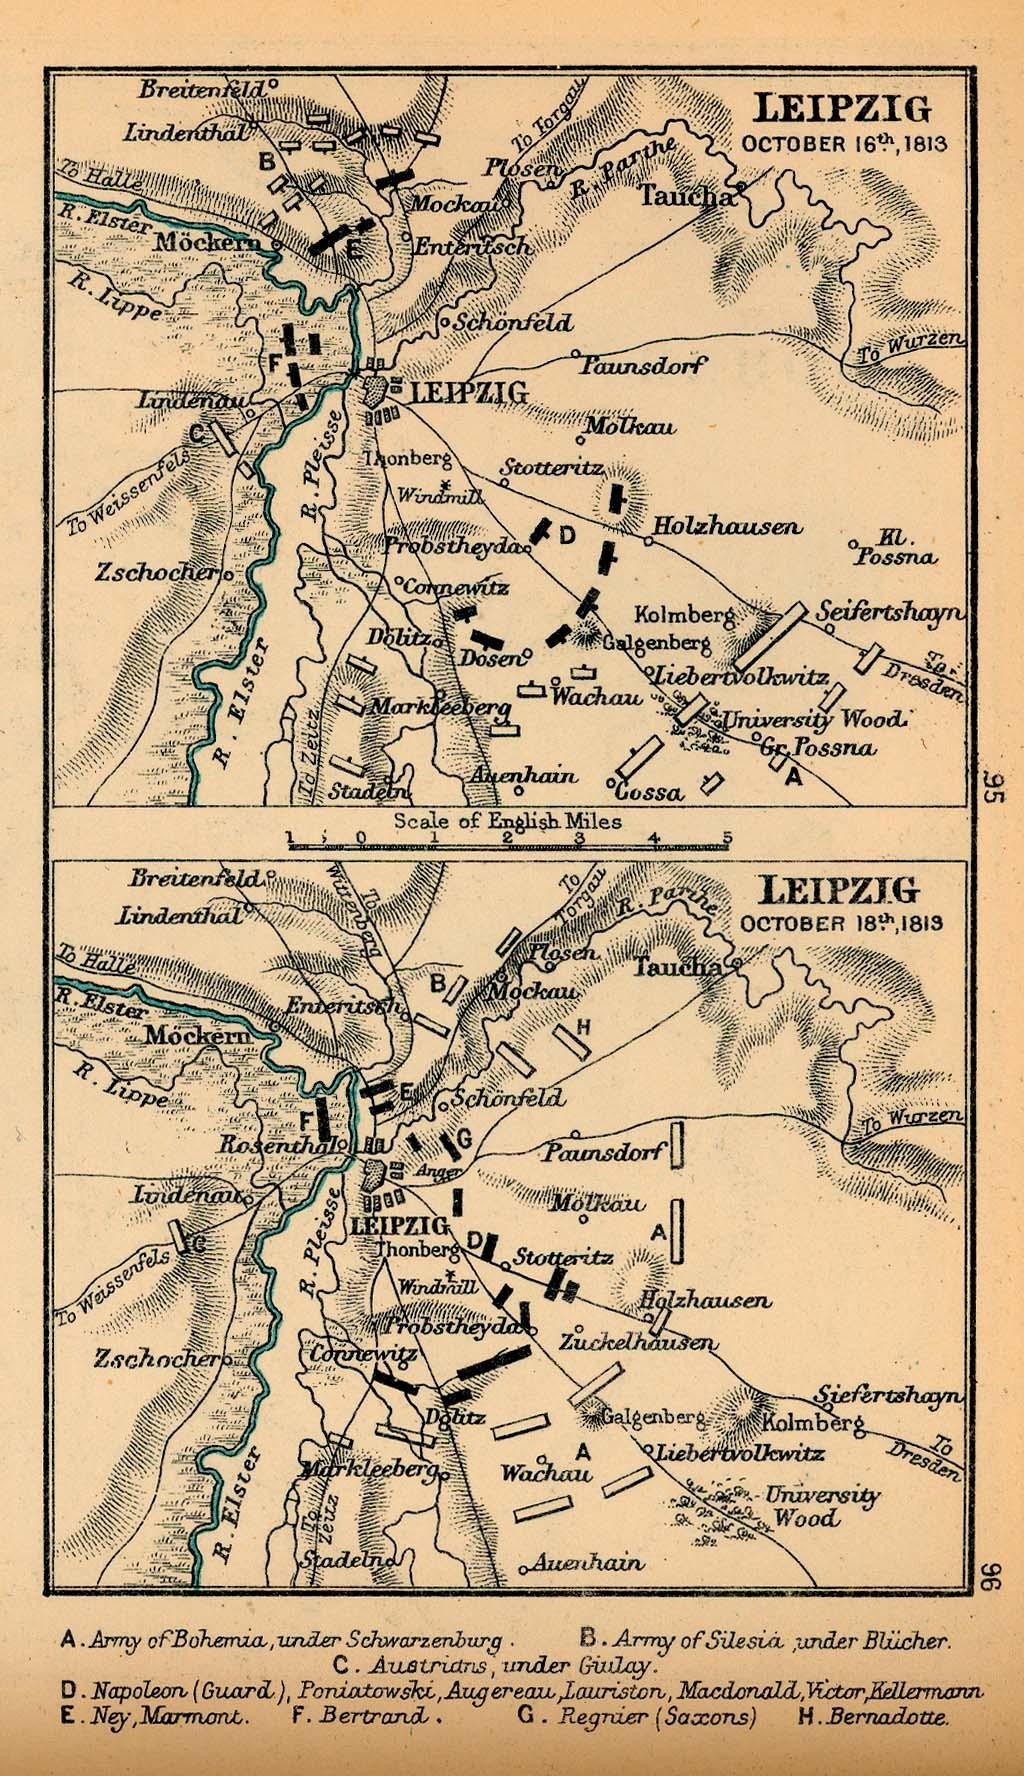 Mapa de la Batalla de Leipzig, Alemania, 16 Octubre y 18 Octubre, 1813